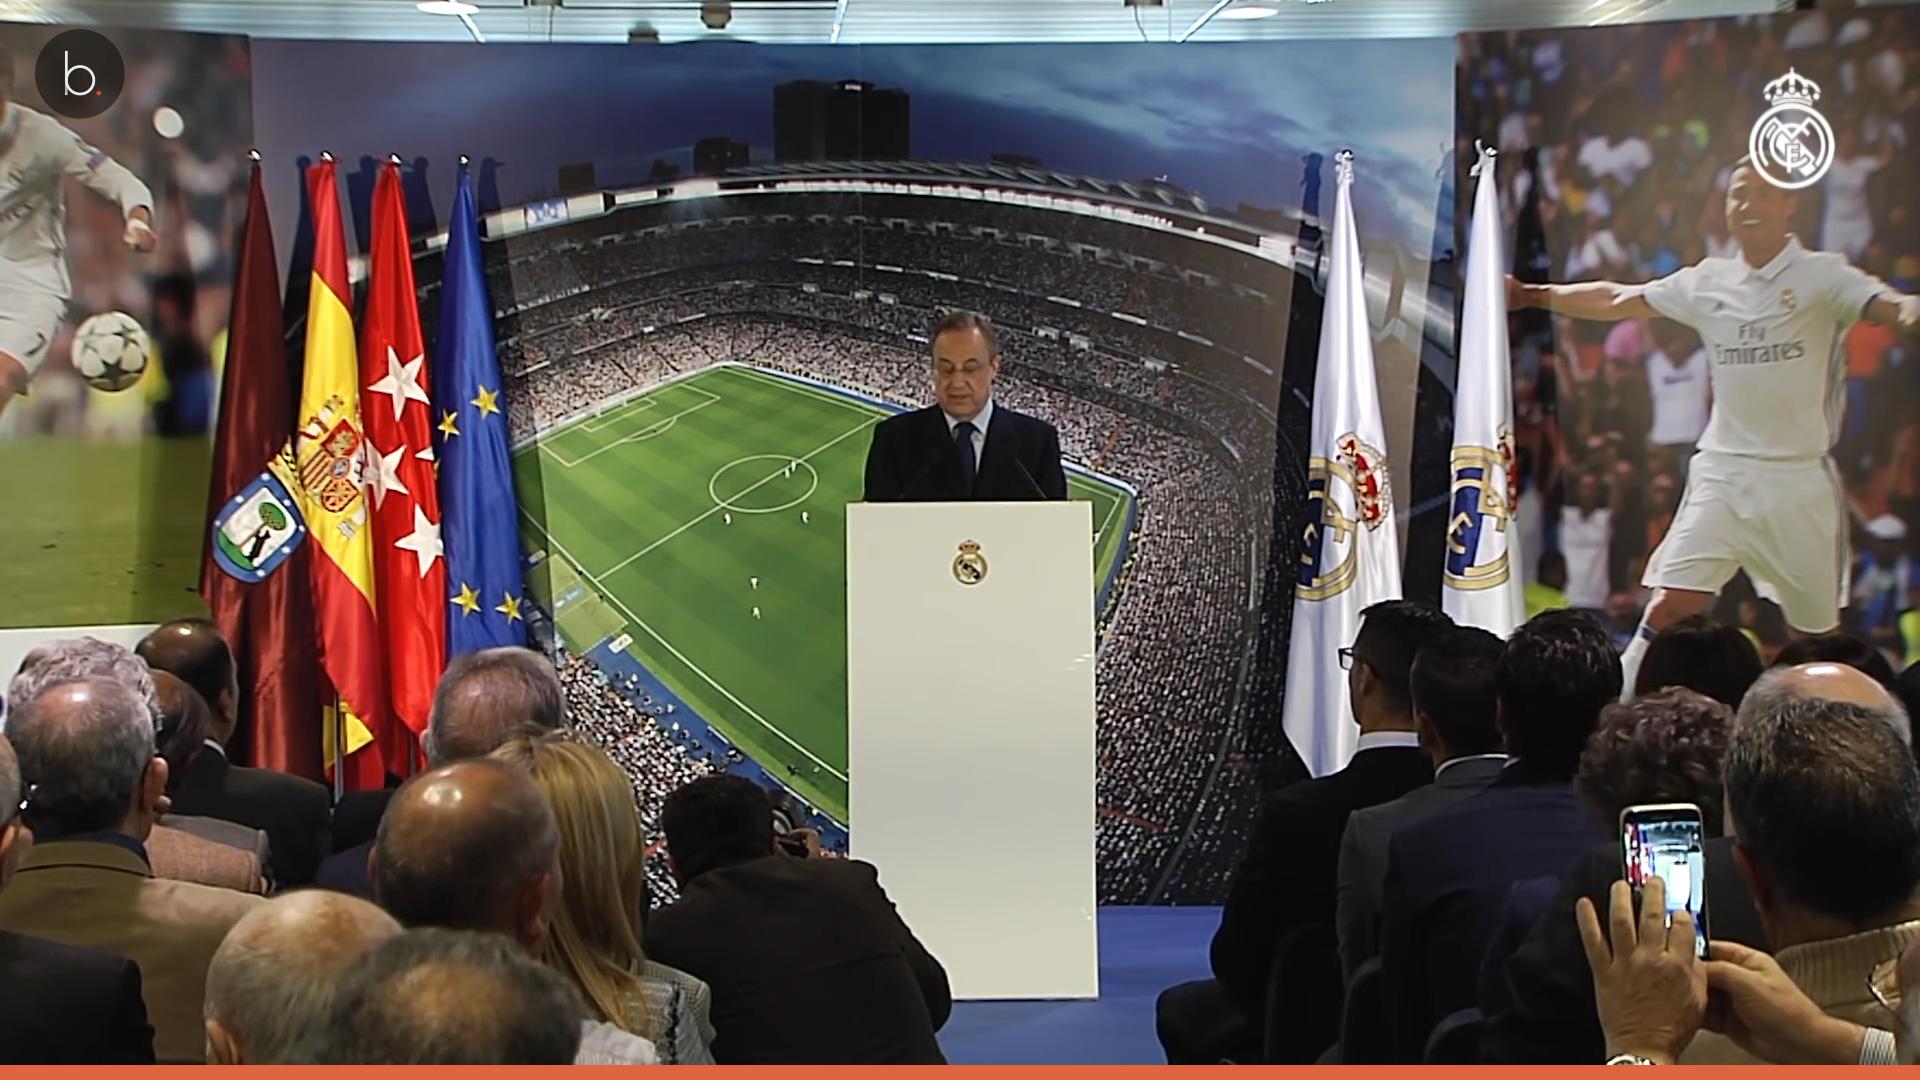 El Real Madrid del futuro que prepara Florentino Pérez